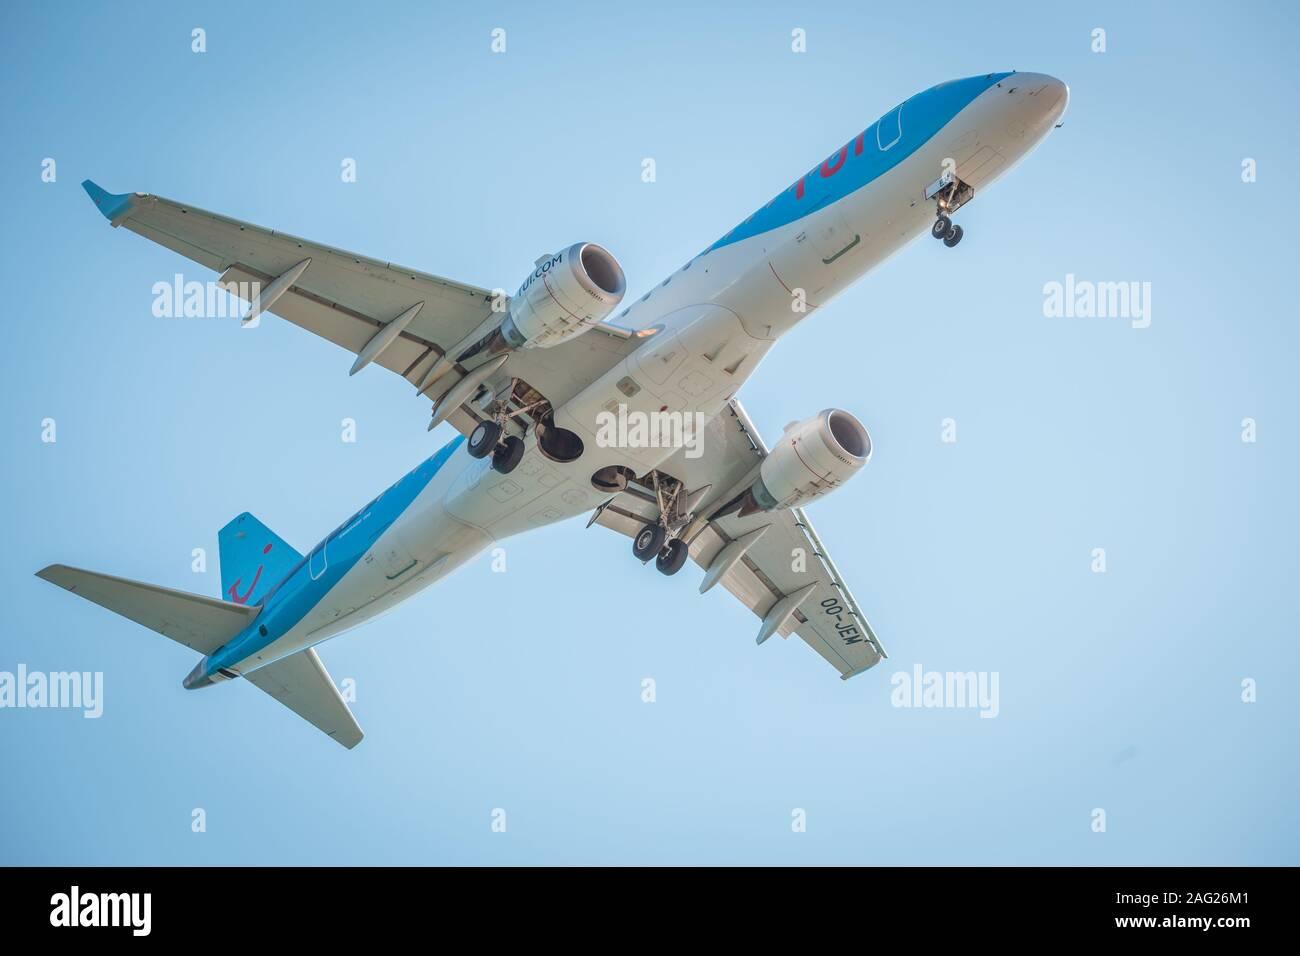 Zakynthos, Grèce, Août 2019: grand avion, probablement TUI, avec train d'atterrissage sorti, sous le ventre à l'atterrissage à vue, International de Zakynthos Banque D'Images